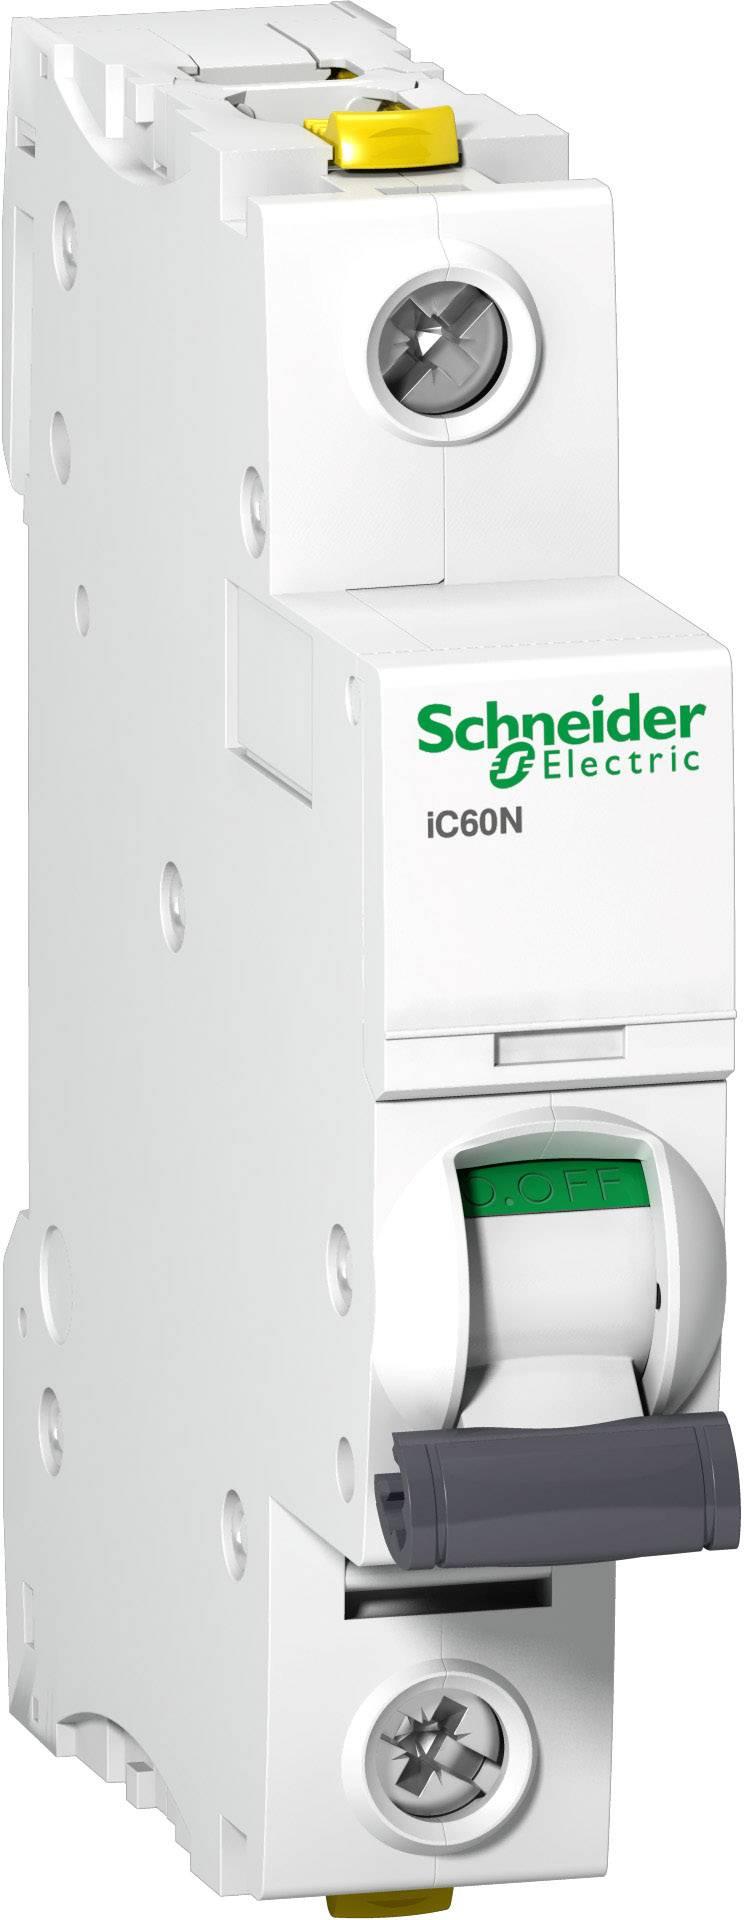 Elektrický jistič Schneider Electric A9F03102, 2 A, 230 V